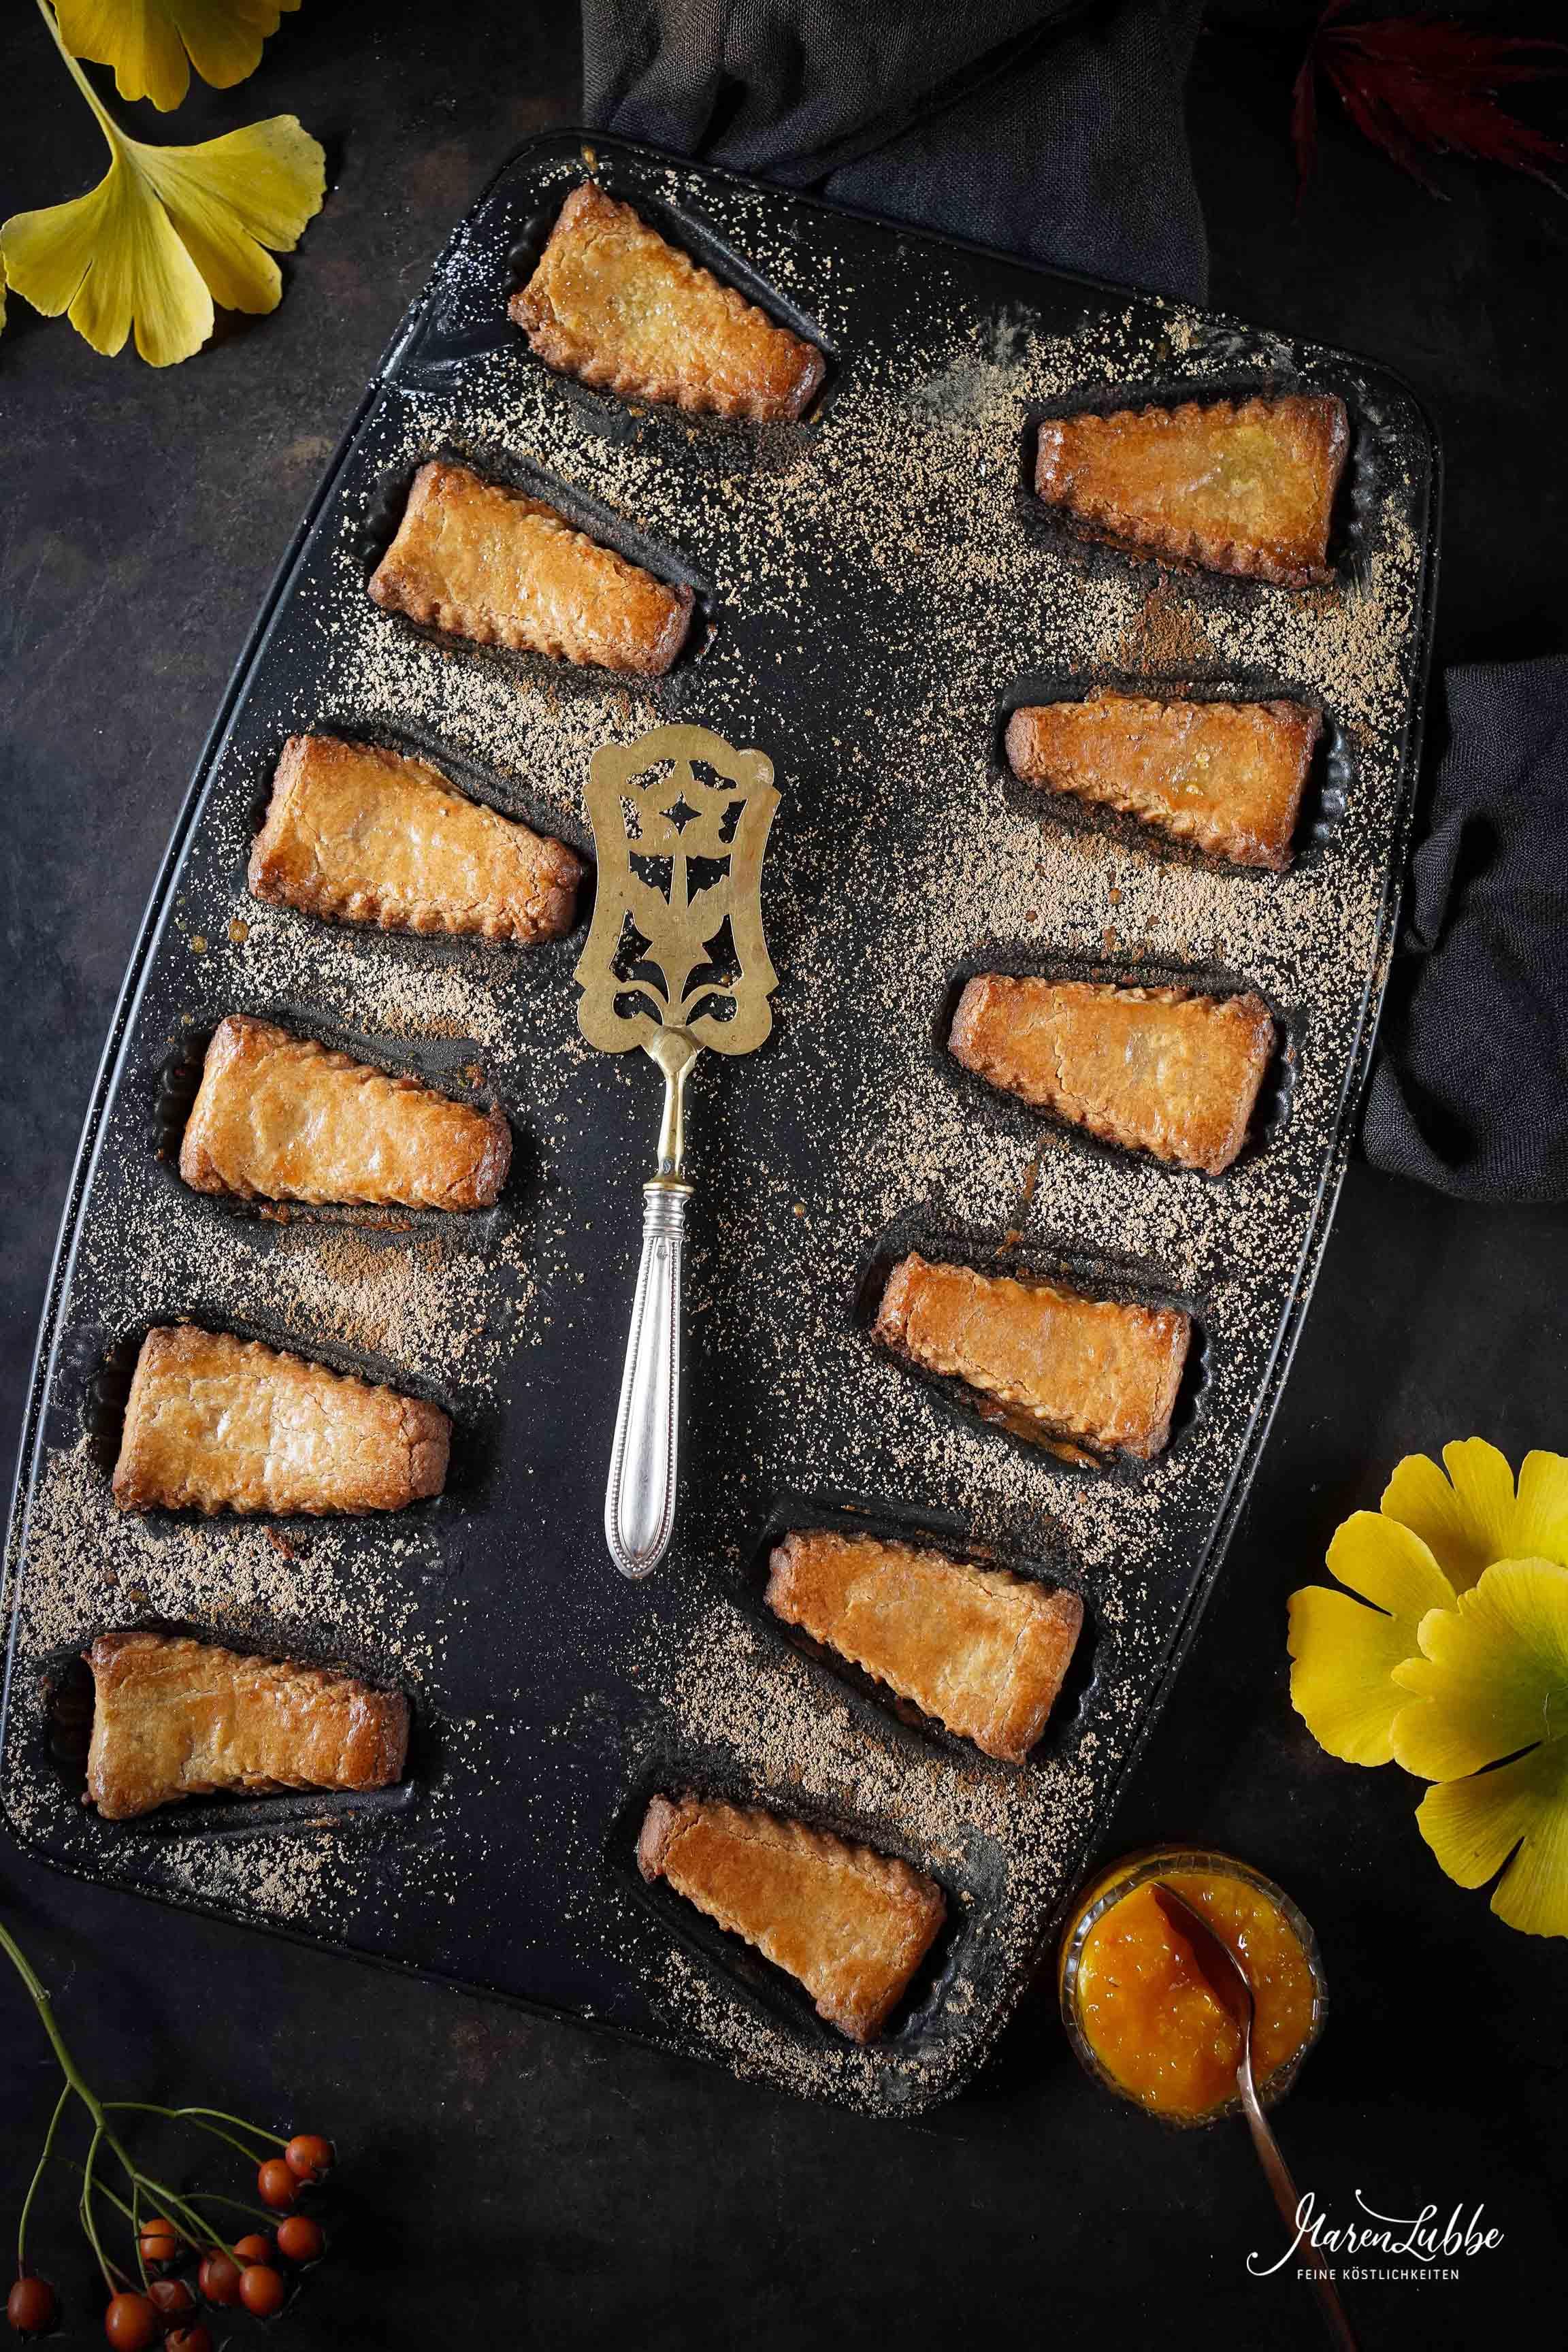 Sablés Corsica - Korsische Kastanienmehl Kekse